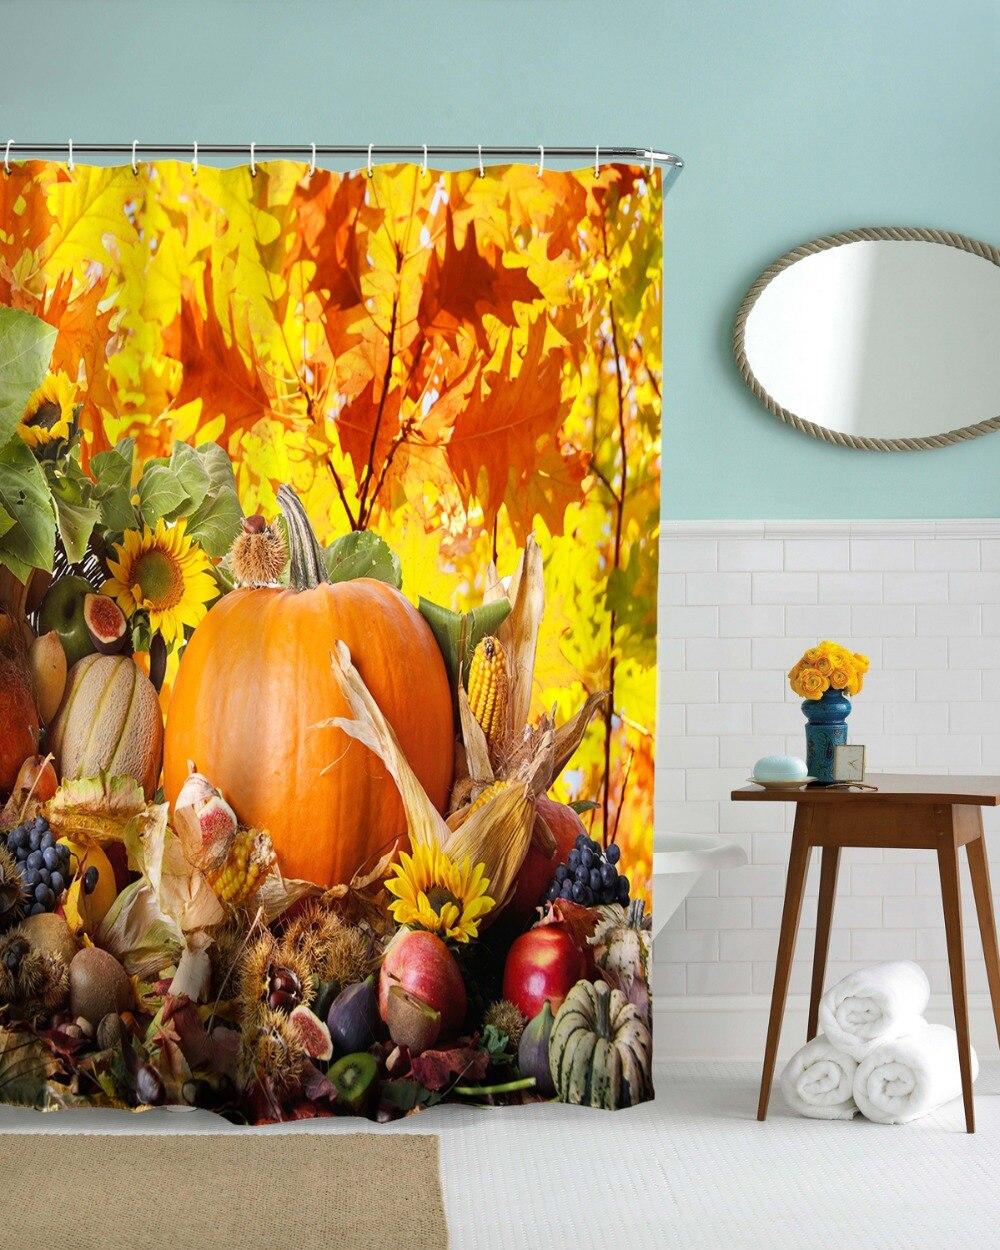 3D Halloween Autumn Pumpkin Shower Curtains Waterproof